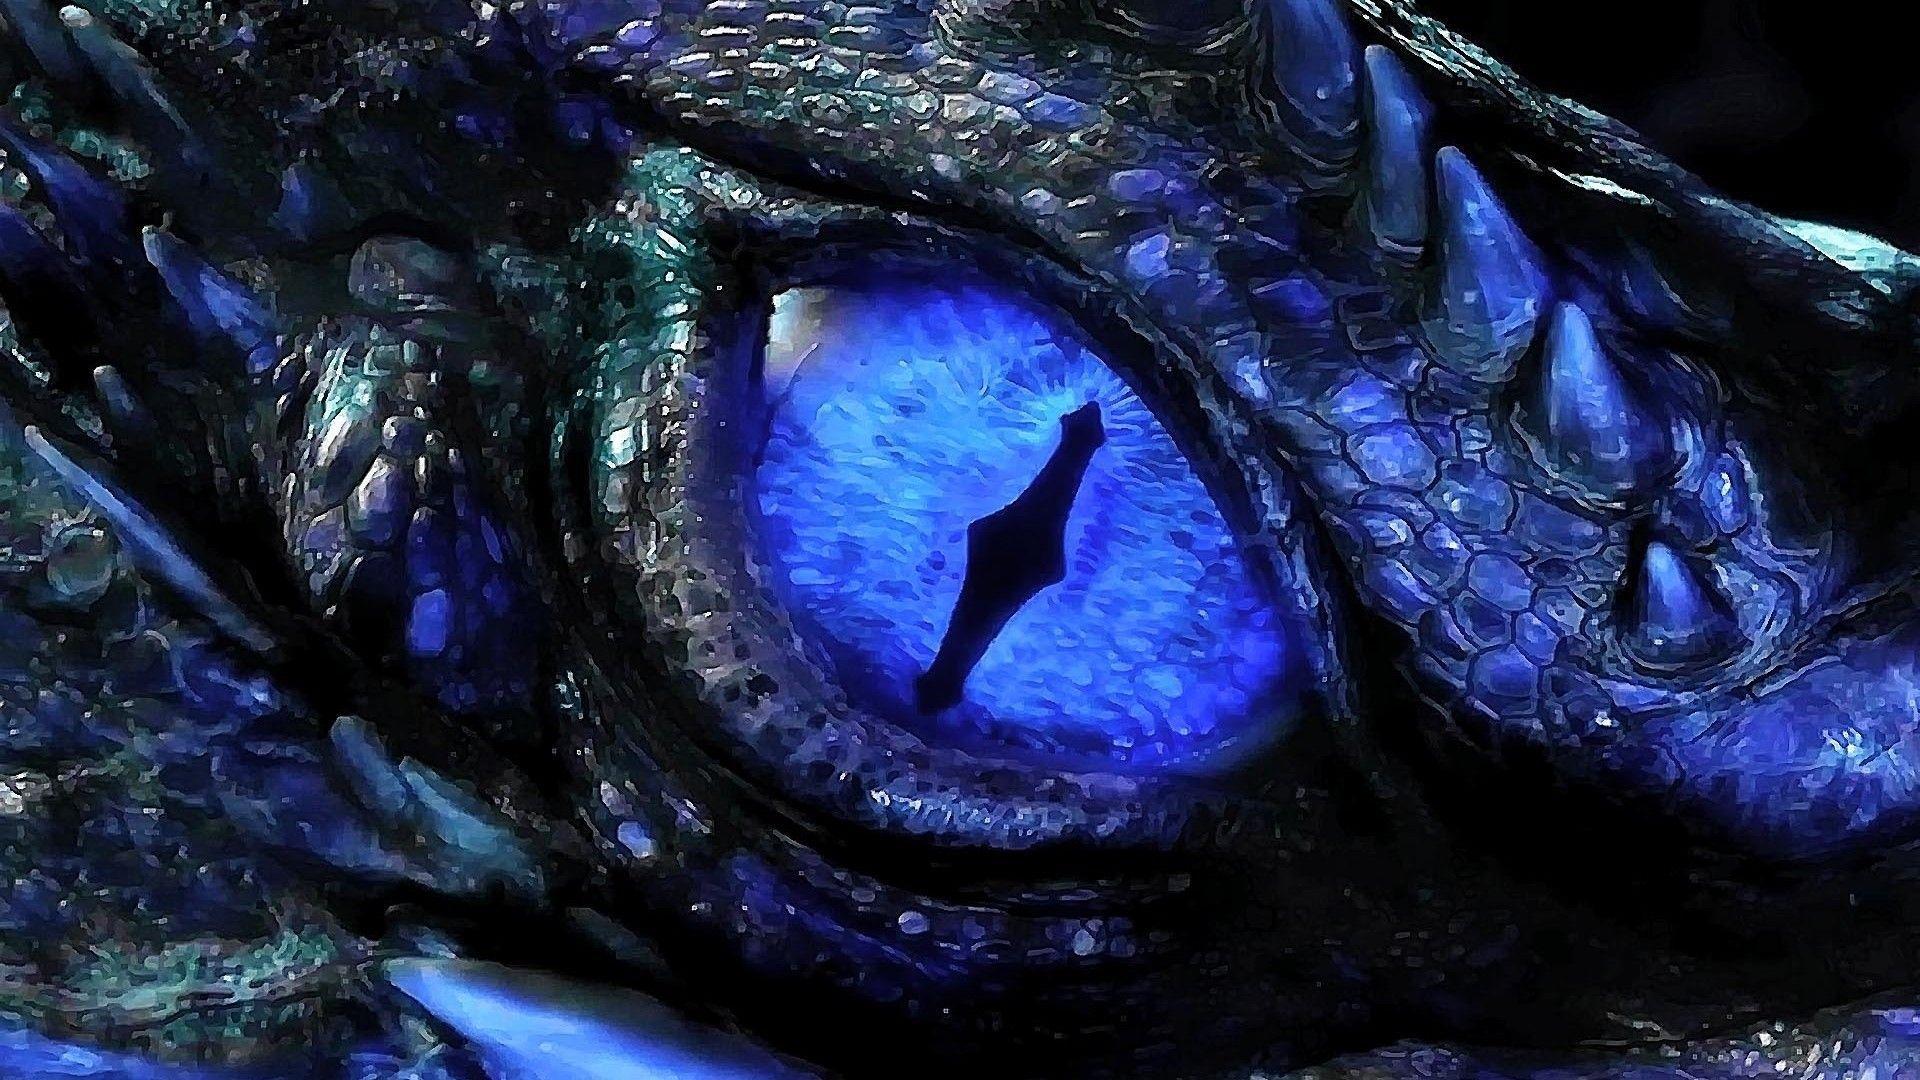 Eye Dragon Wallpapers Top Free Eye Dragon Backgrounds